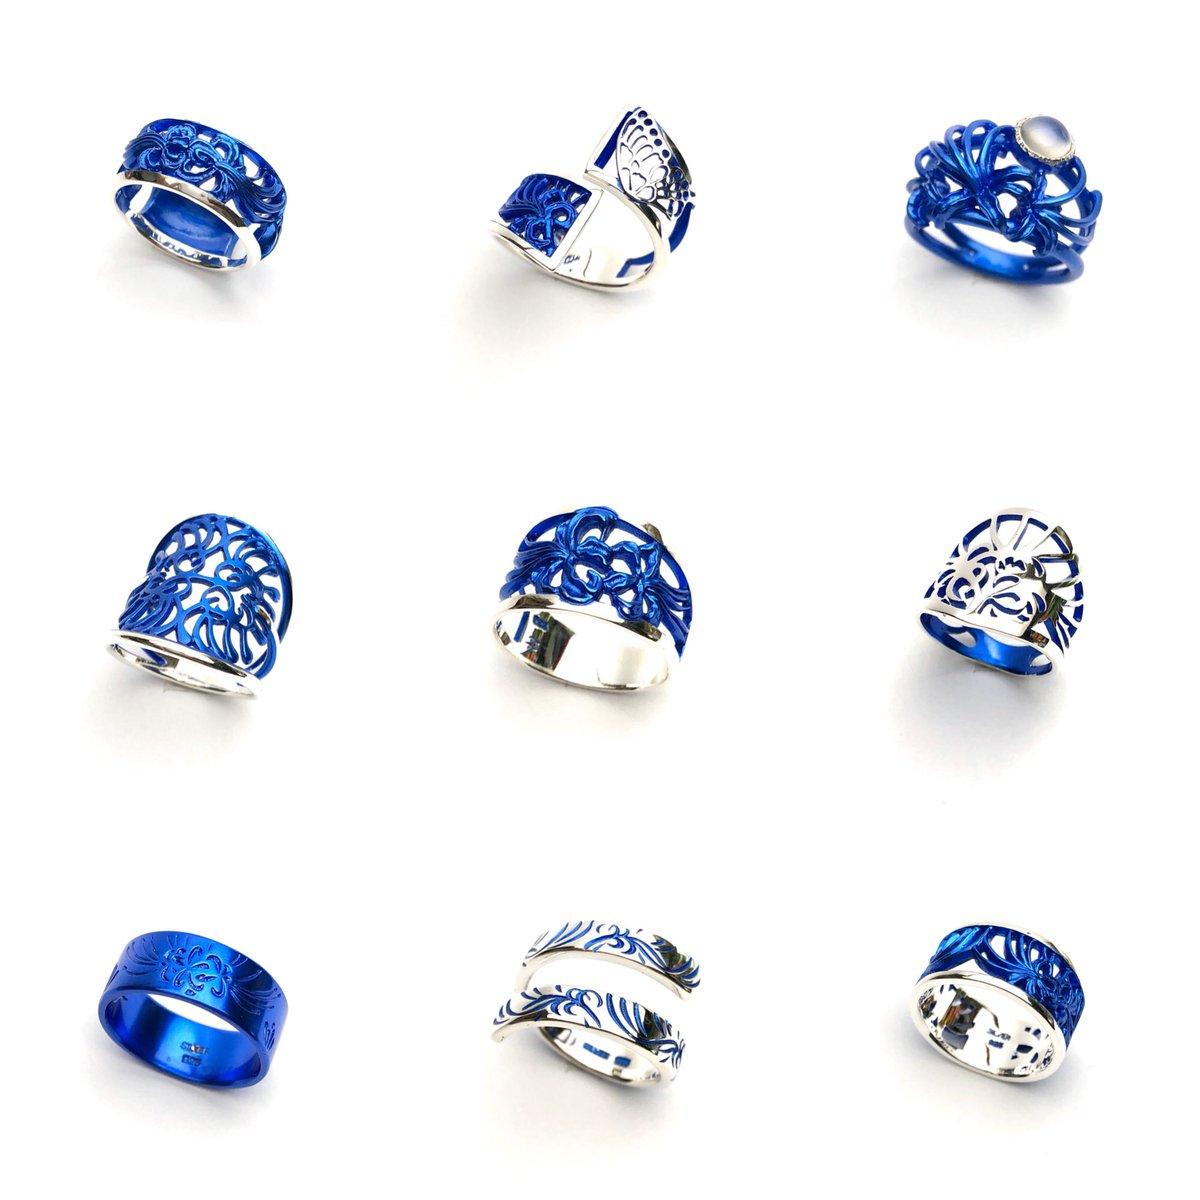 青い彼岸花は、これ! 指輪9種、立体SとMサイズ、イヤーカフをそれぞれちょっとずつ用意しました。 まだもうちょっと増えます!  #デザフェス50